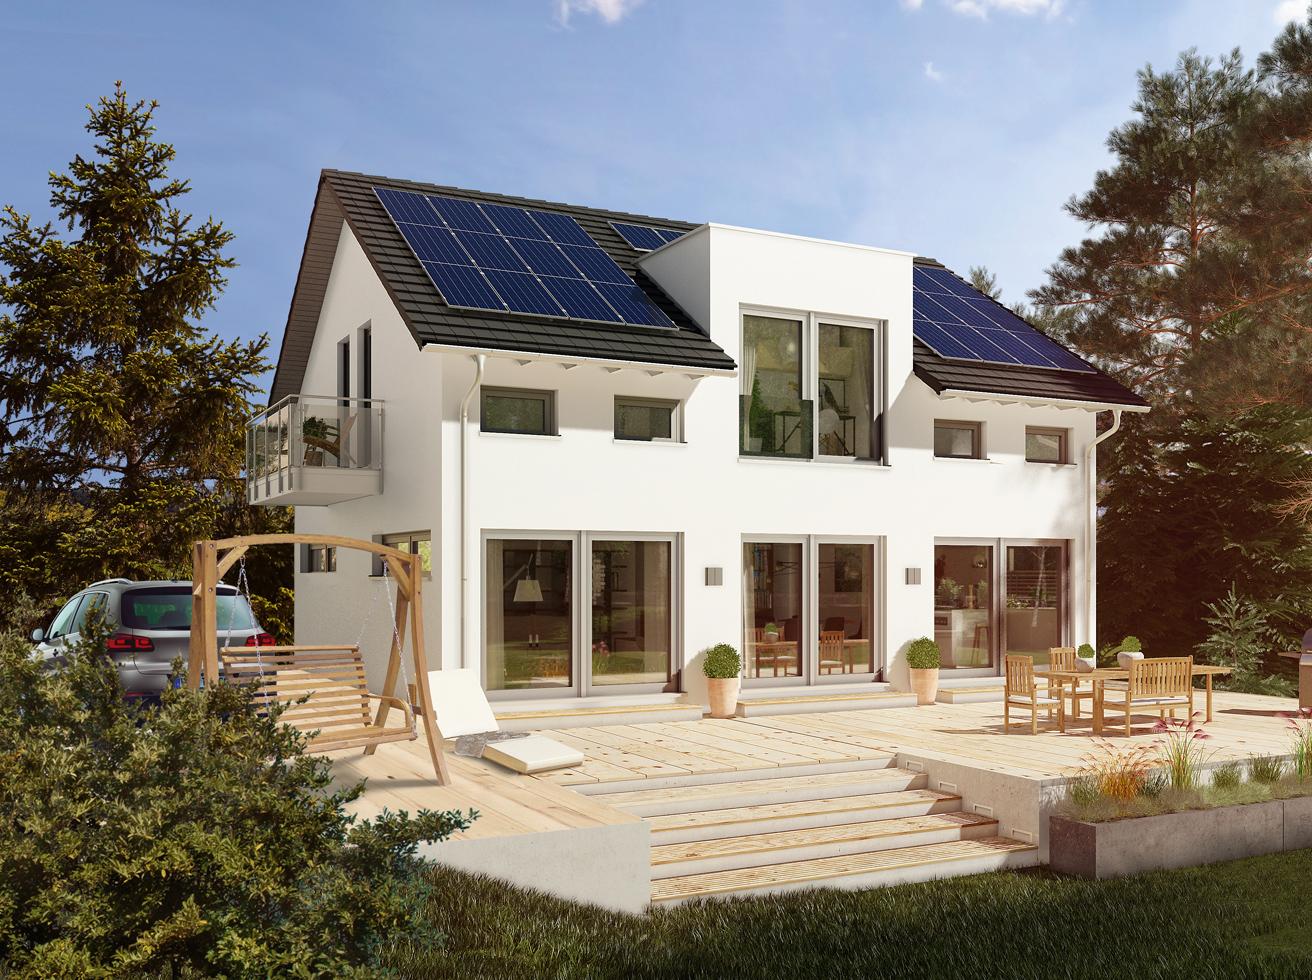 Wunderbar Heißwasser Heizkessel Für Häuser Ideen - Schaltplan Serie ...